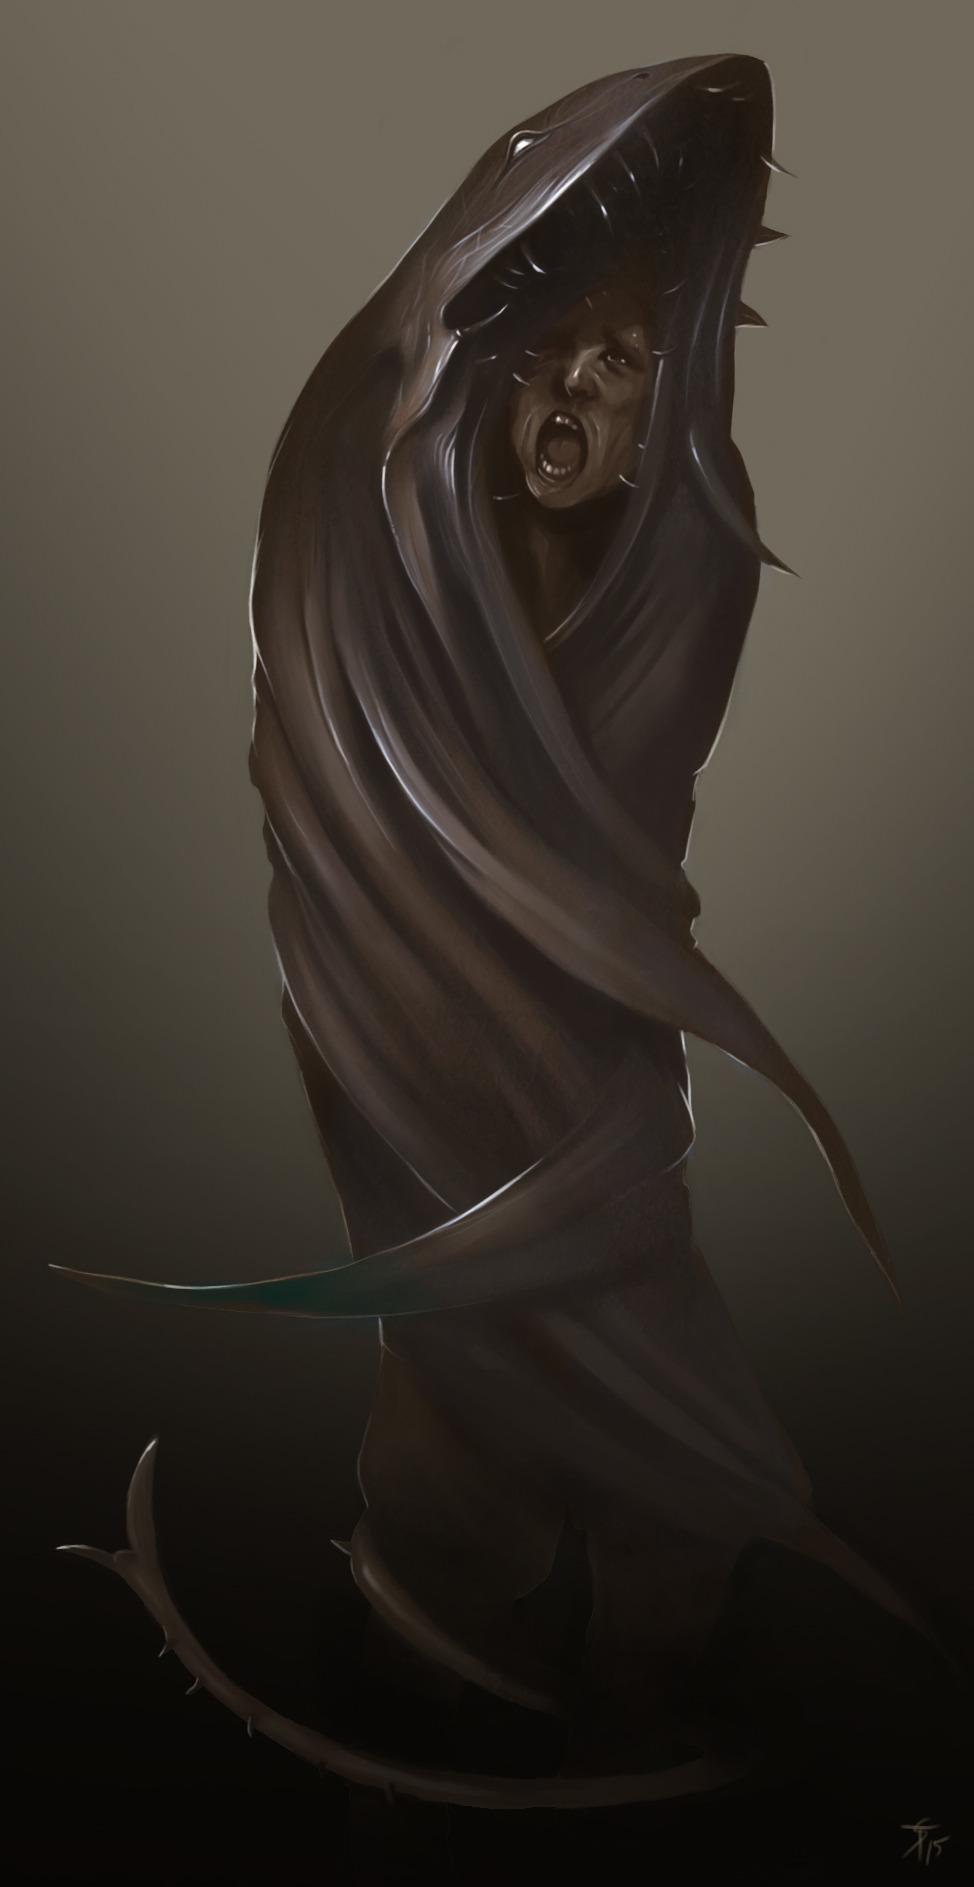 """the-murdellicious #23: """"Cloaker"""" - by Tuomas Salmela themurling.tumblr.com (2015) © dell'autore tutti i diritti riservati"""